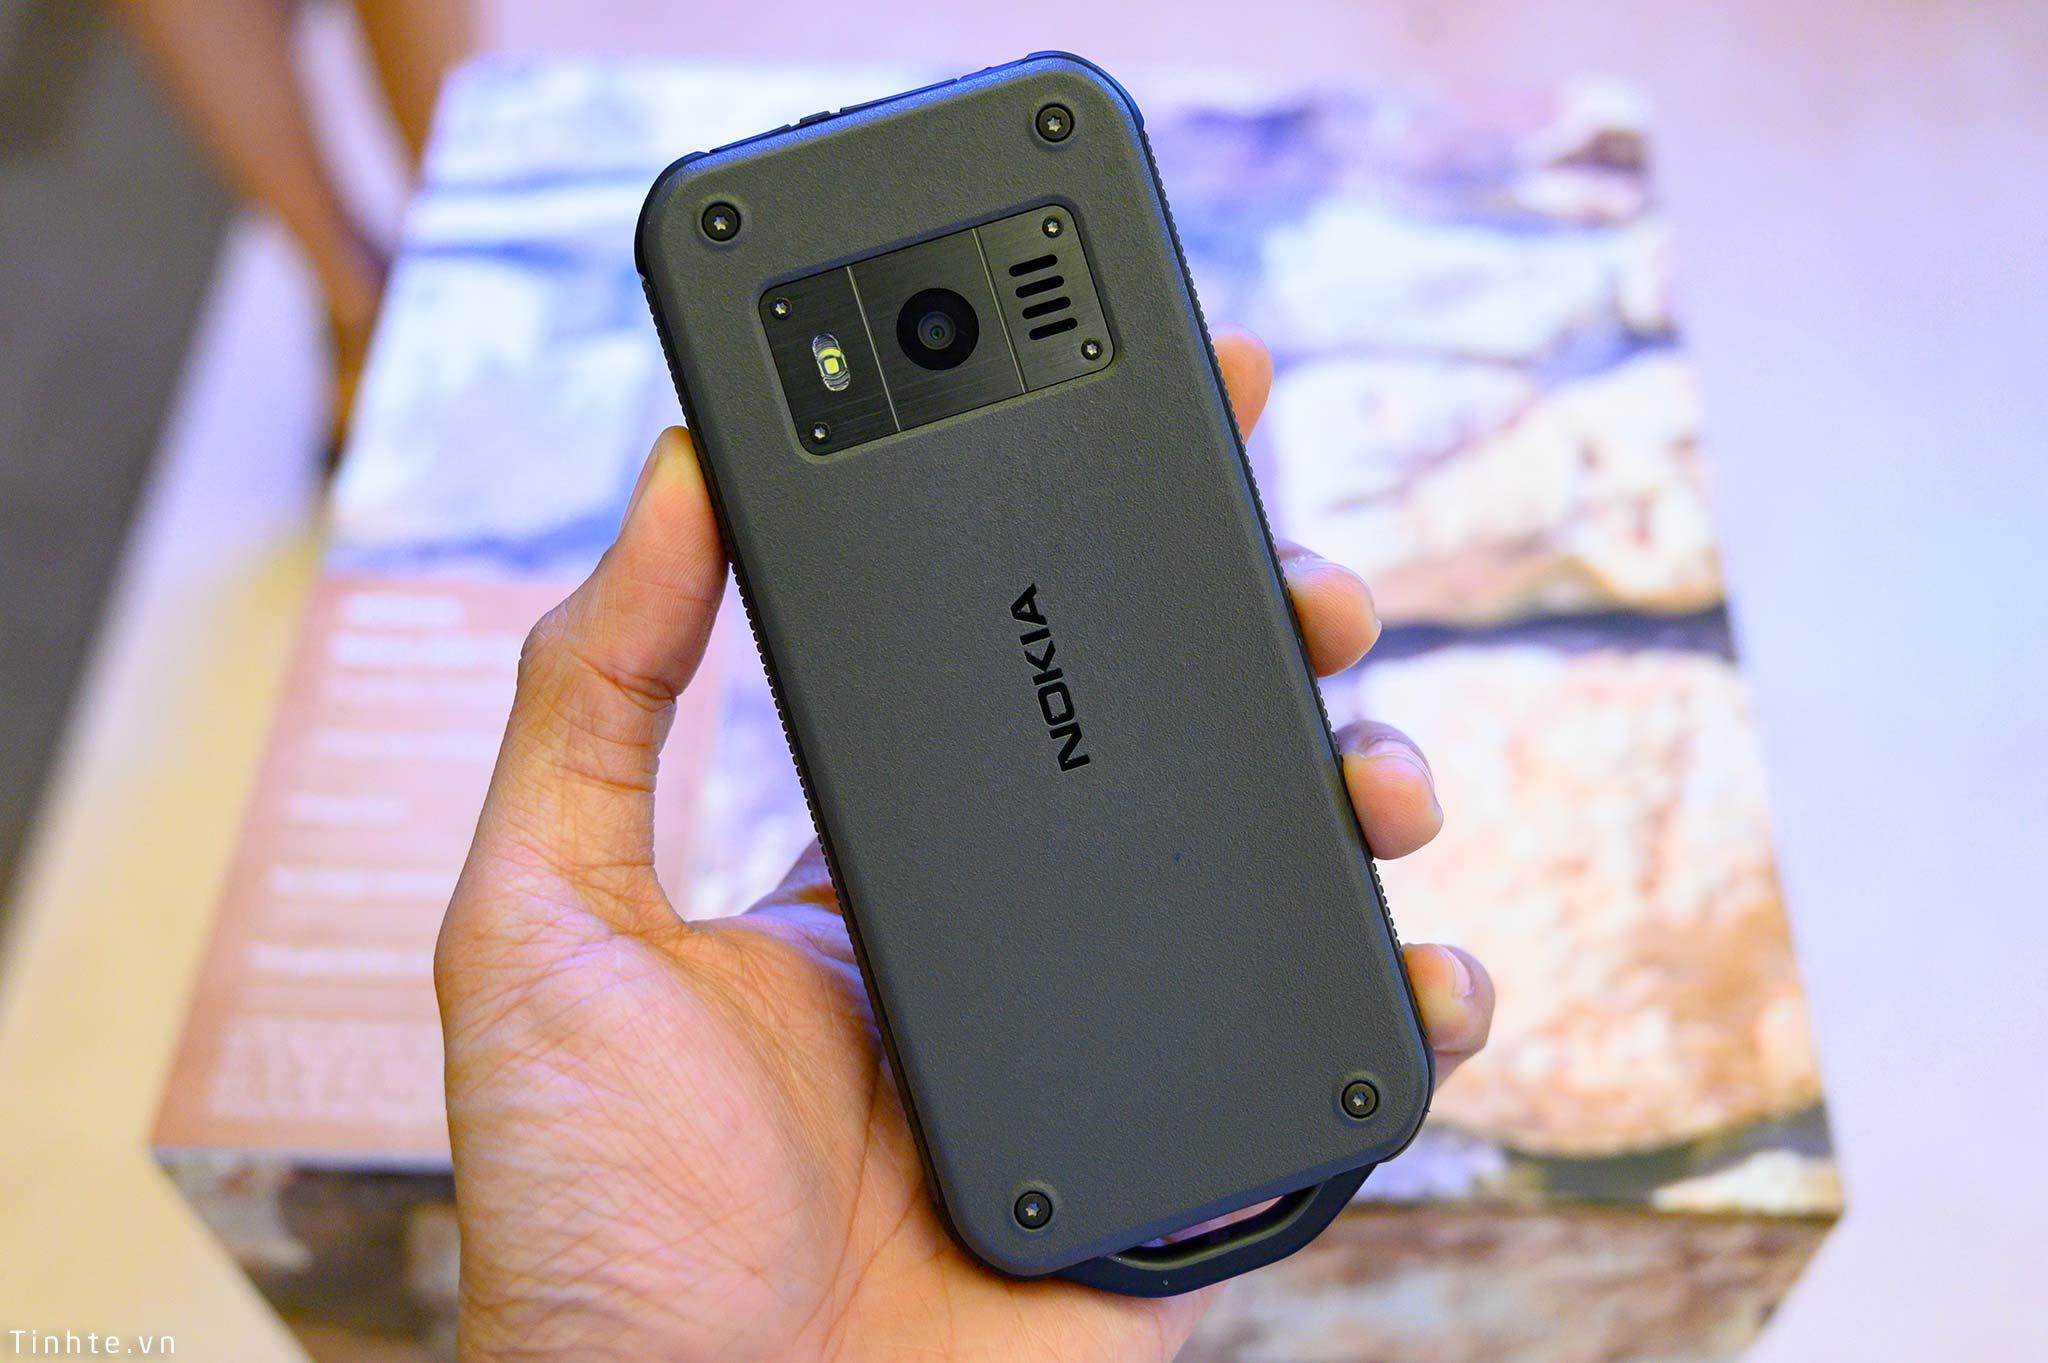 Nokia_800_Tough_tinhte_4.jpg